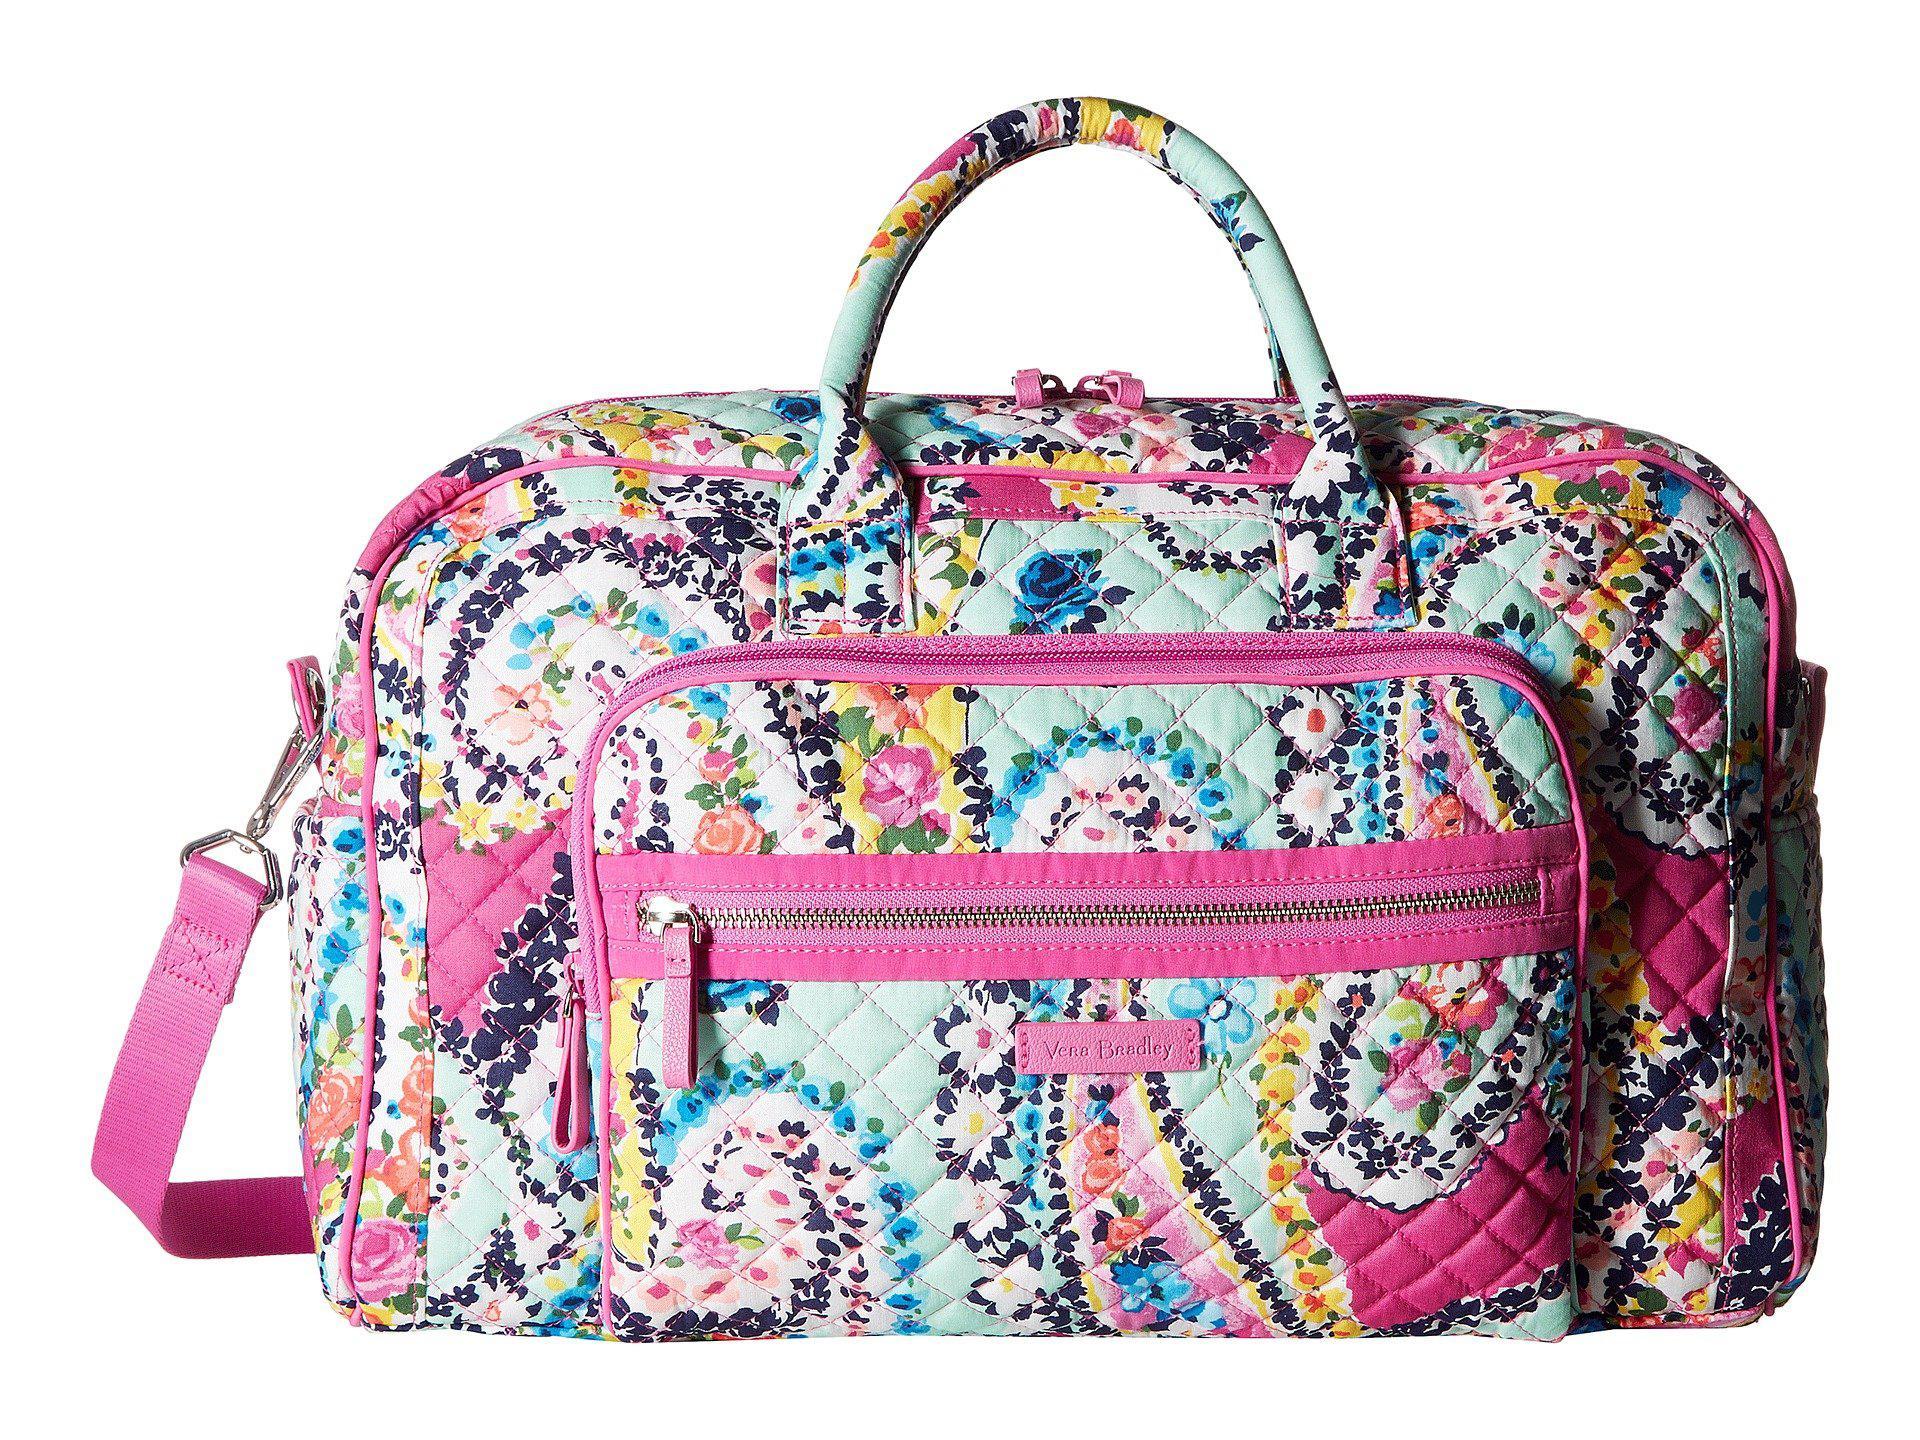 acce4130218e Vera Bradley Overnight Travel Bag